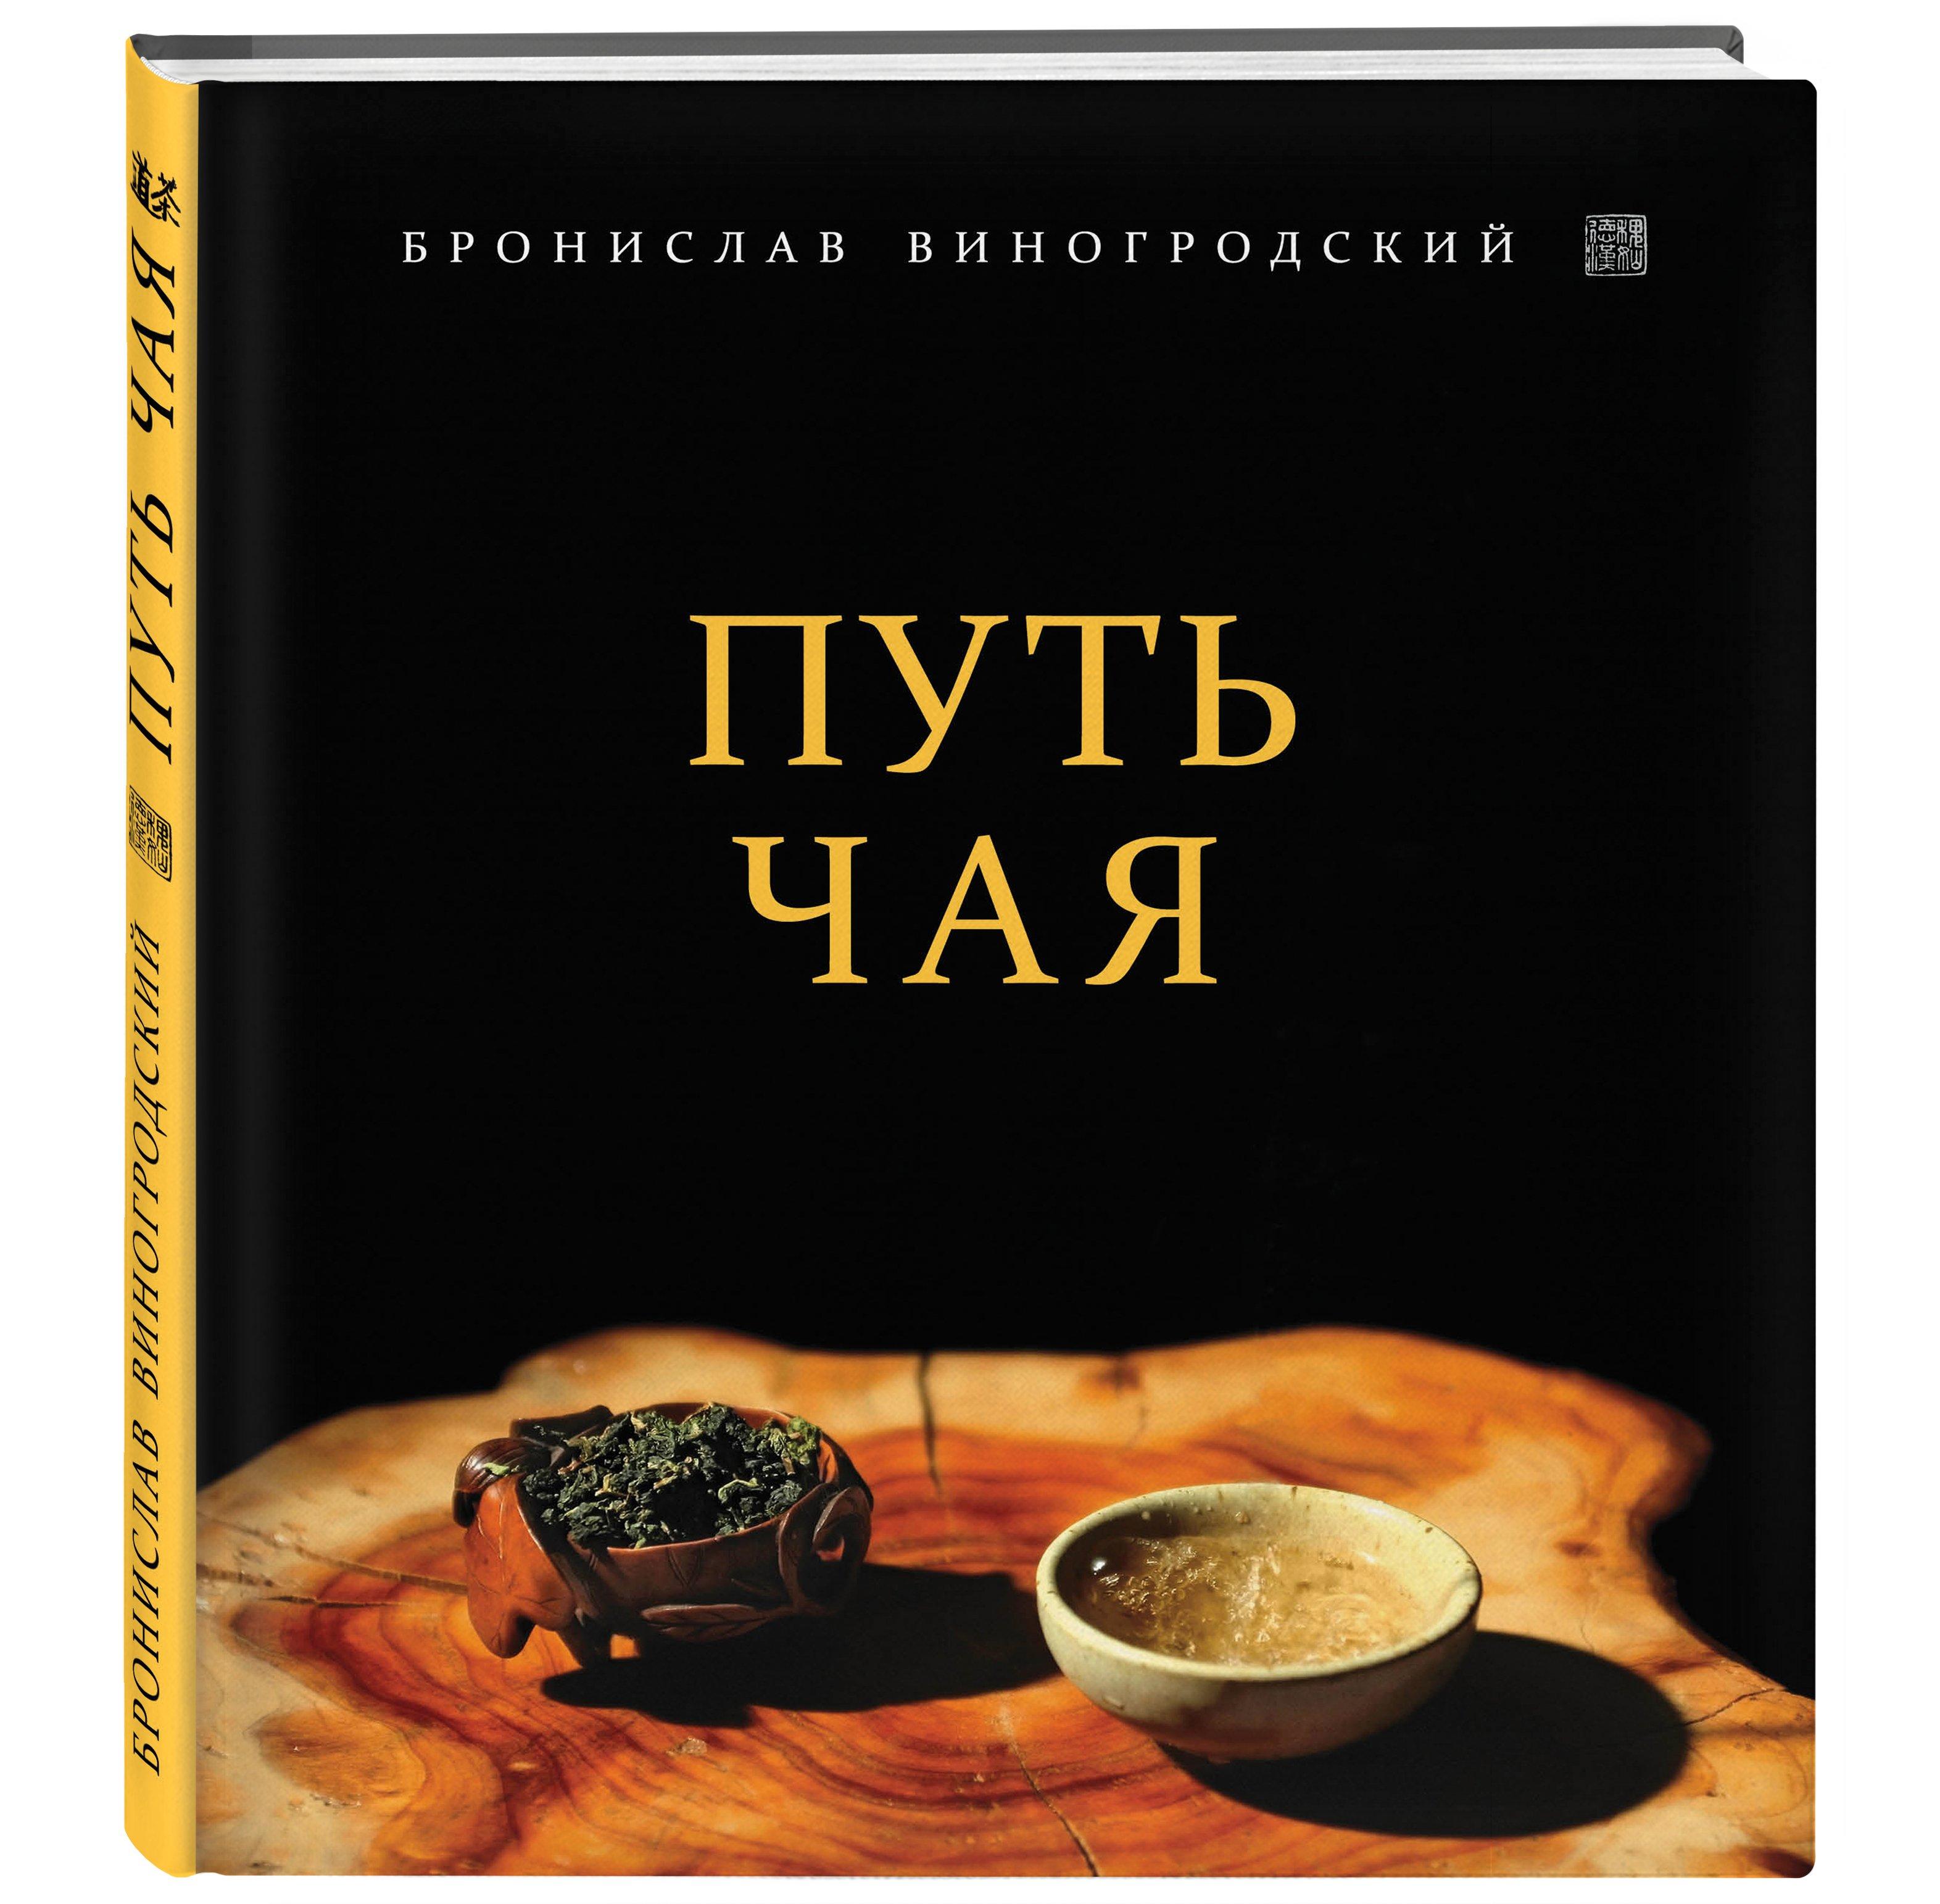 Бронислав Виногродский Путь Чая цены онлайн